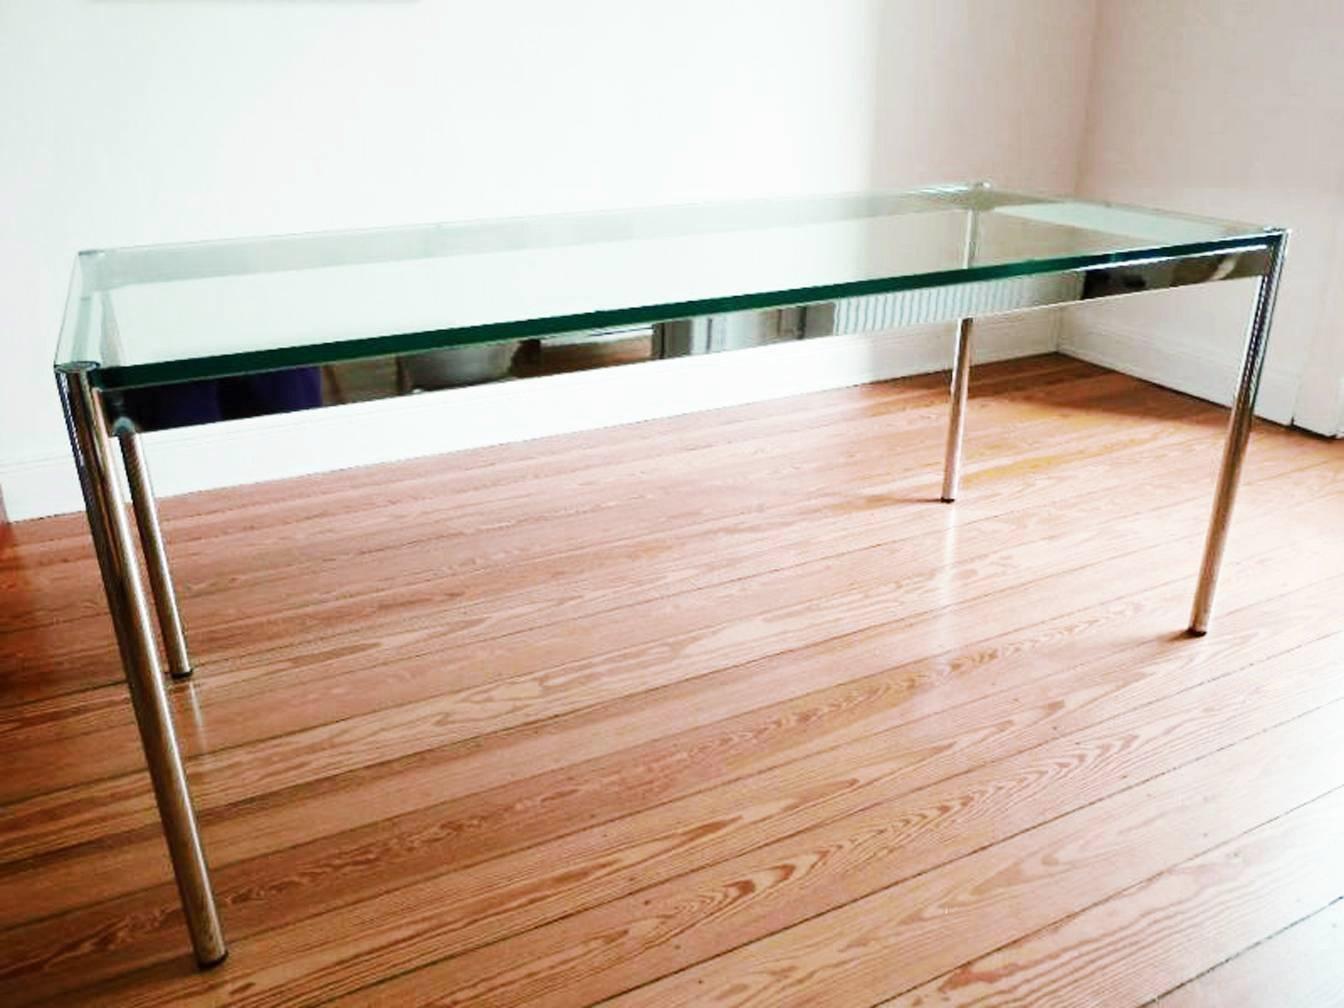 mit glasplatte interesting tisch mit glasplatte with mit glasplatte design esstisch resceta. Black Bedroom Furniture Sets. Home Design Ideas